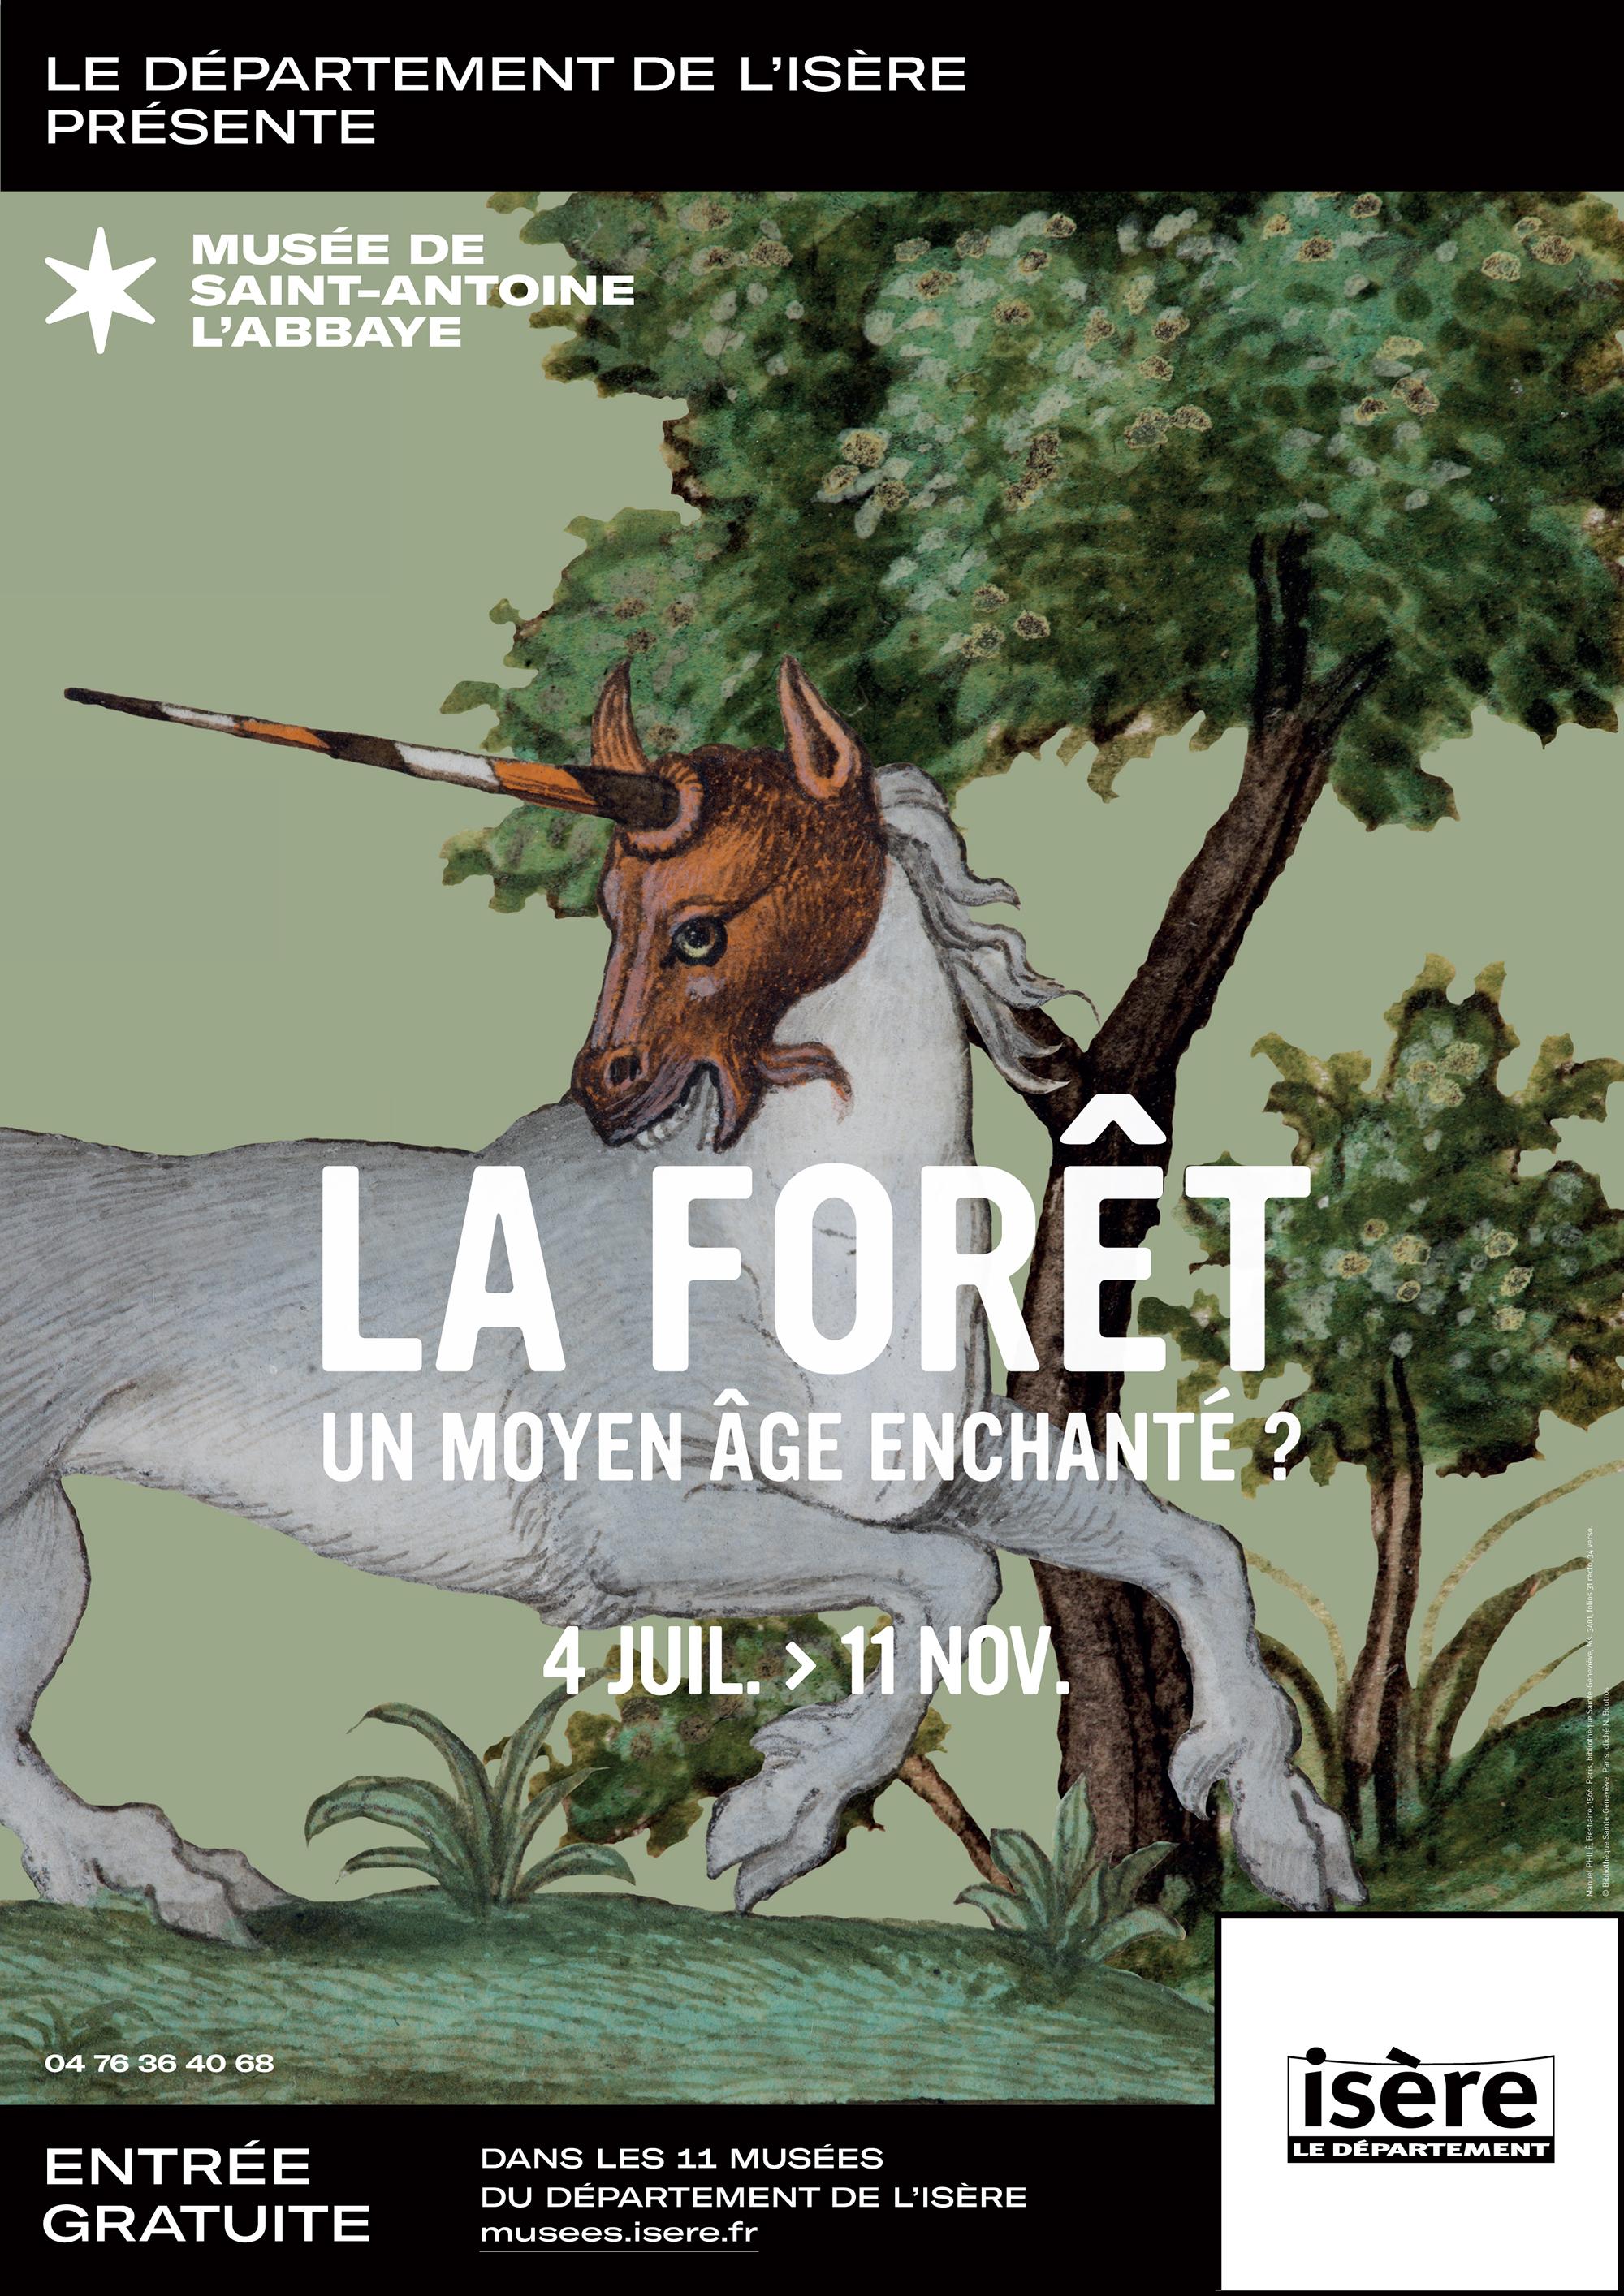 La forêt, un Moyen-Âge enchanté